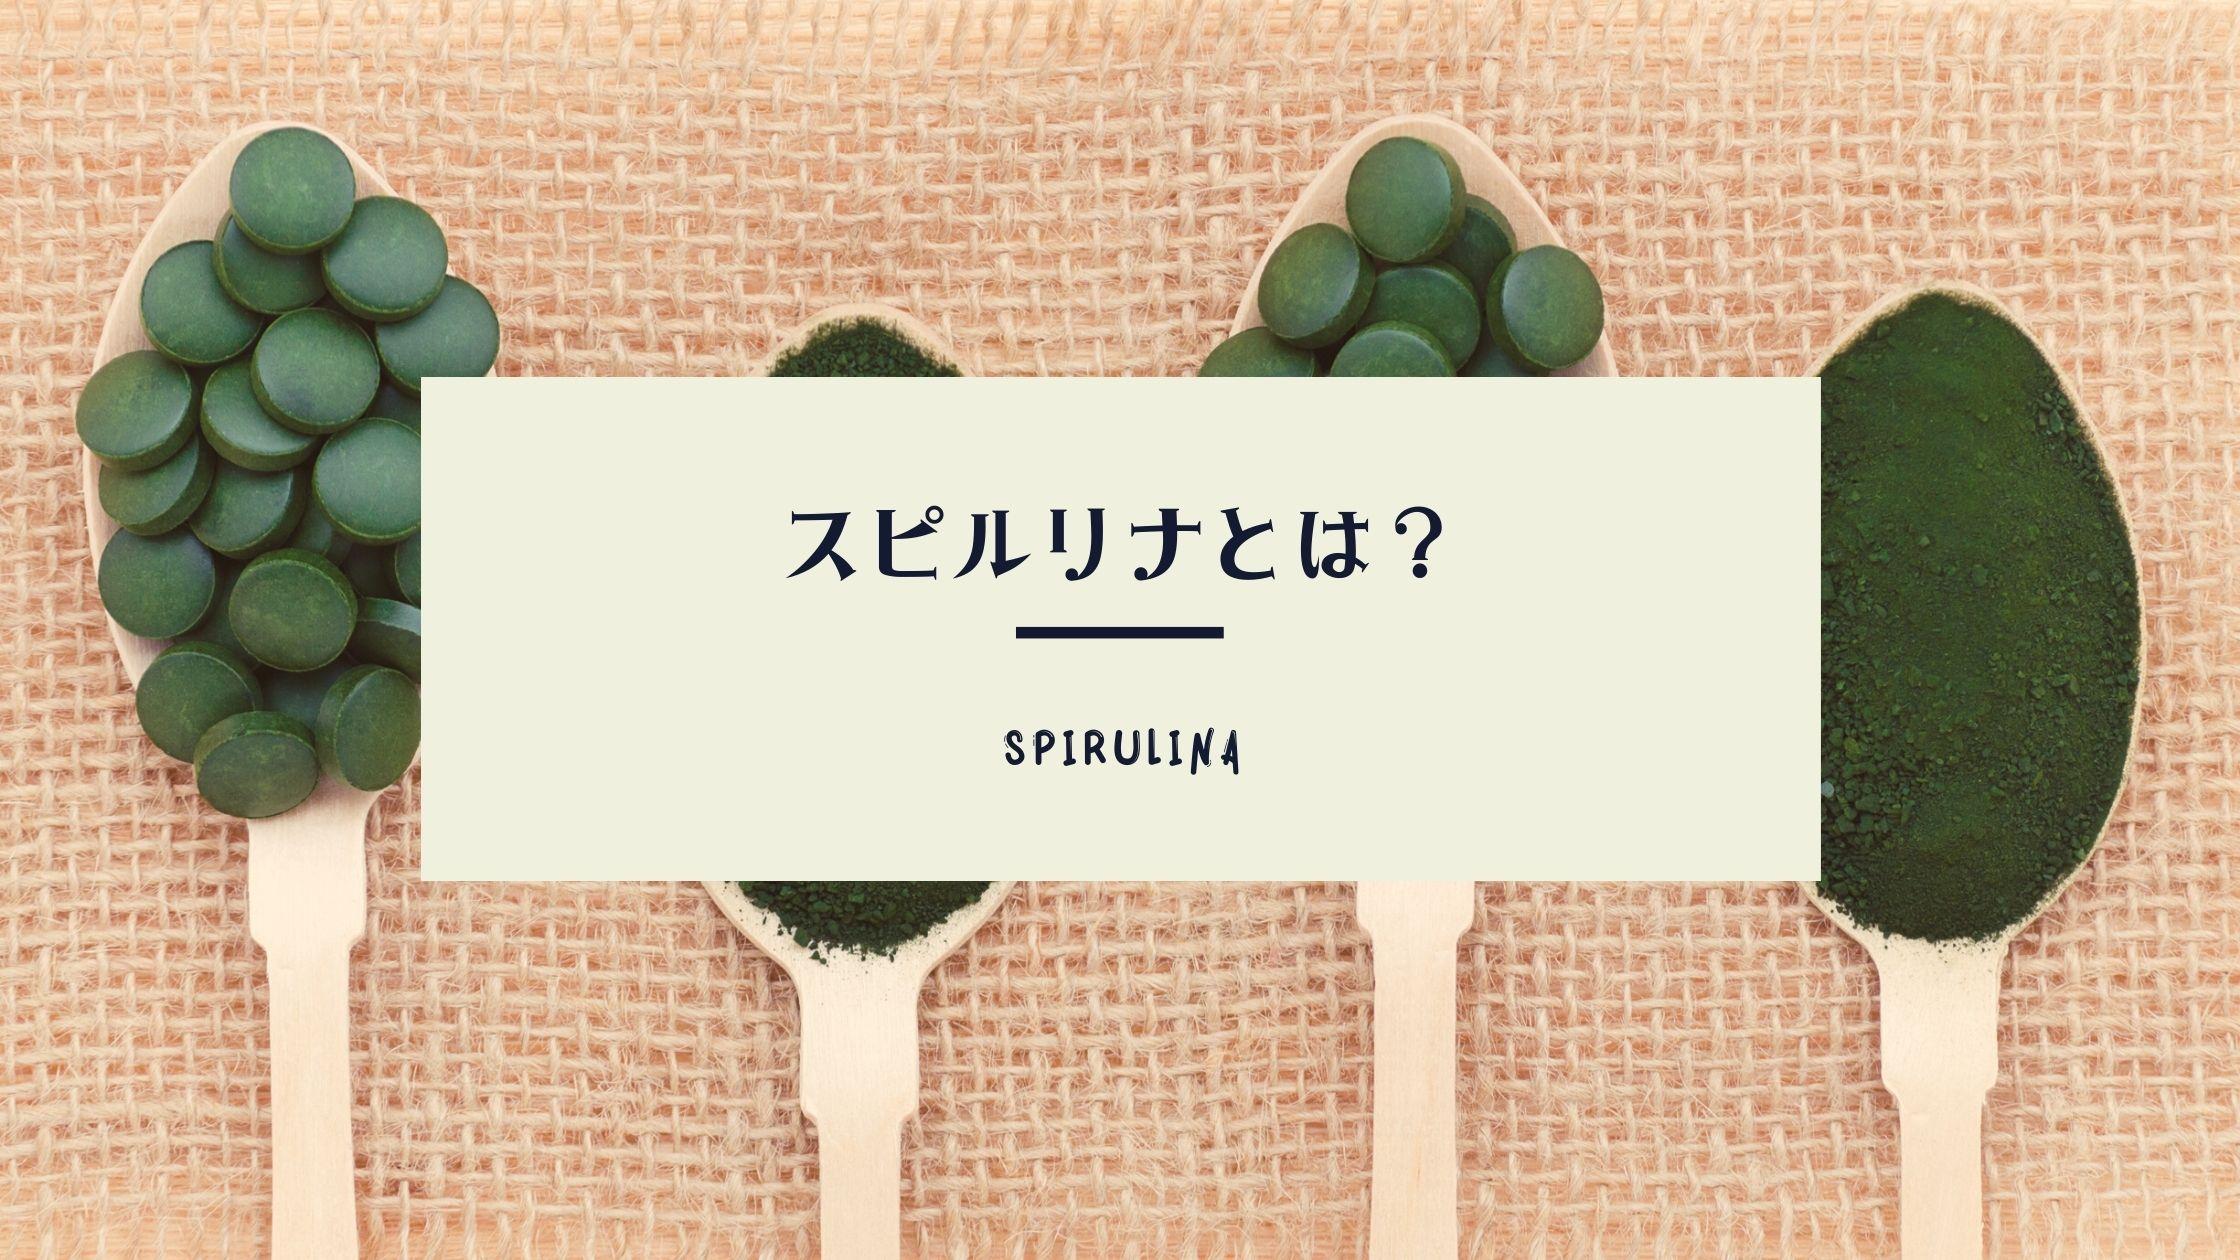 スピルリナ 未来食 メキシコ アレルギー鼻炎 アレルギー 美容 健康